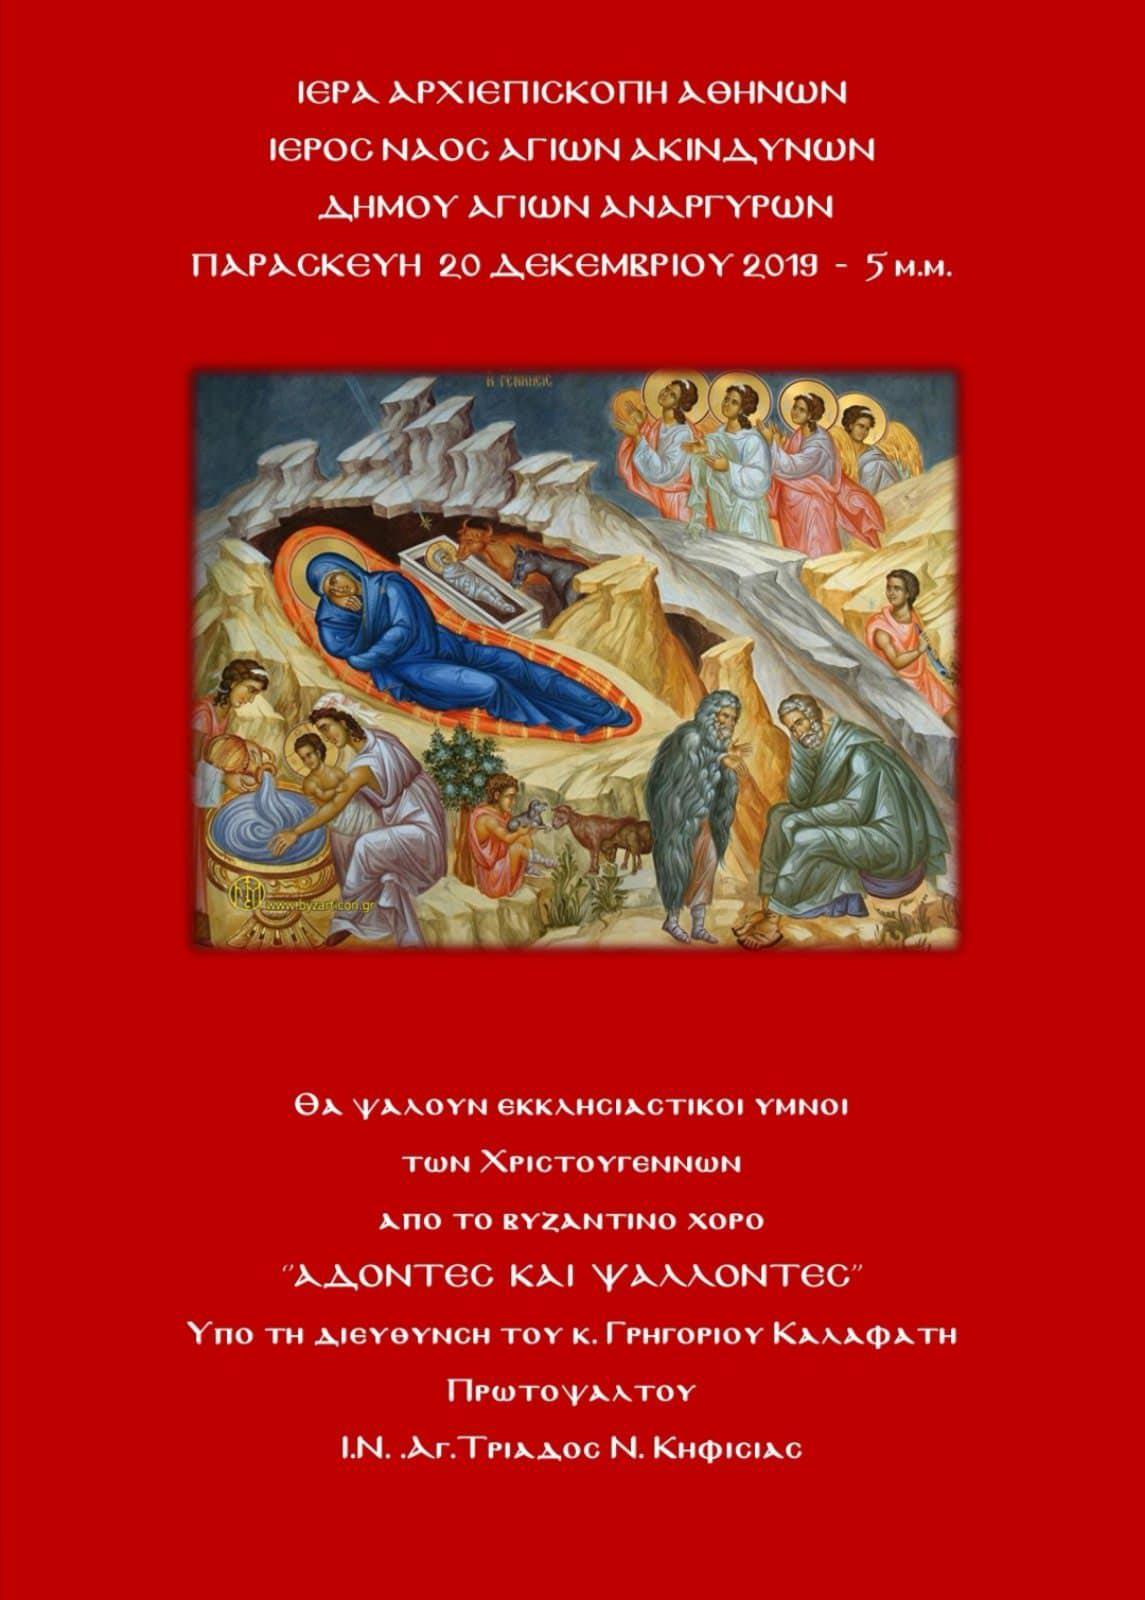 Ιερός Ναός Αγίων Ακινδύνων Ψαλμοί Χριστουγέννων 2019 αφίσα